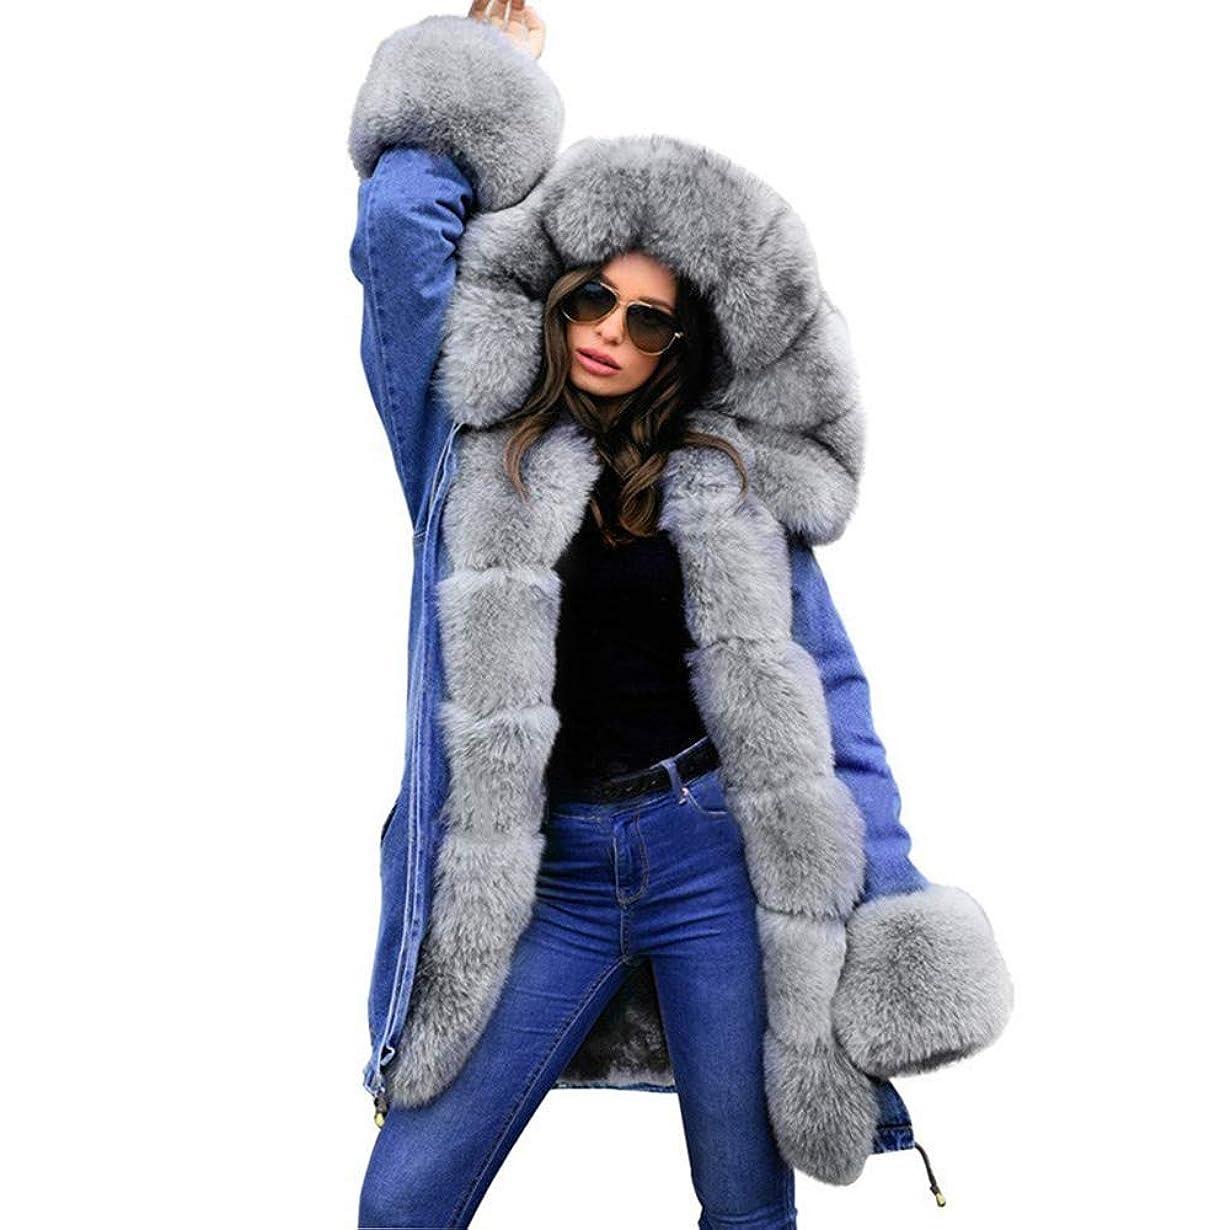 ごちそうスキャンダル天才冬の女性のフード付きコートの毛皮の襟暖かいロングコートの女性の冬のジャケット女性のアウター,XL